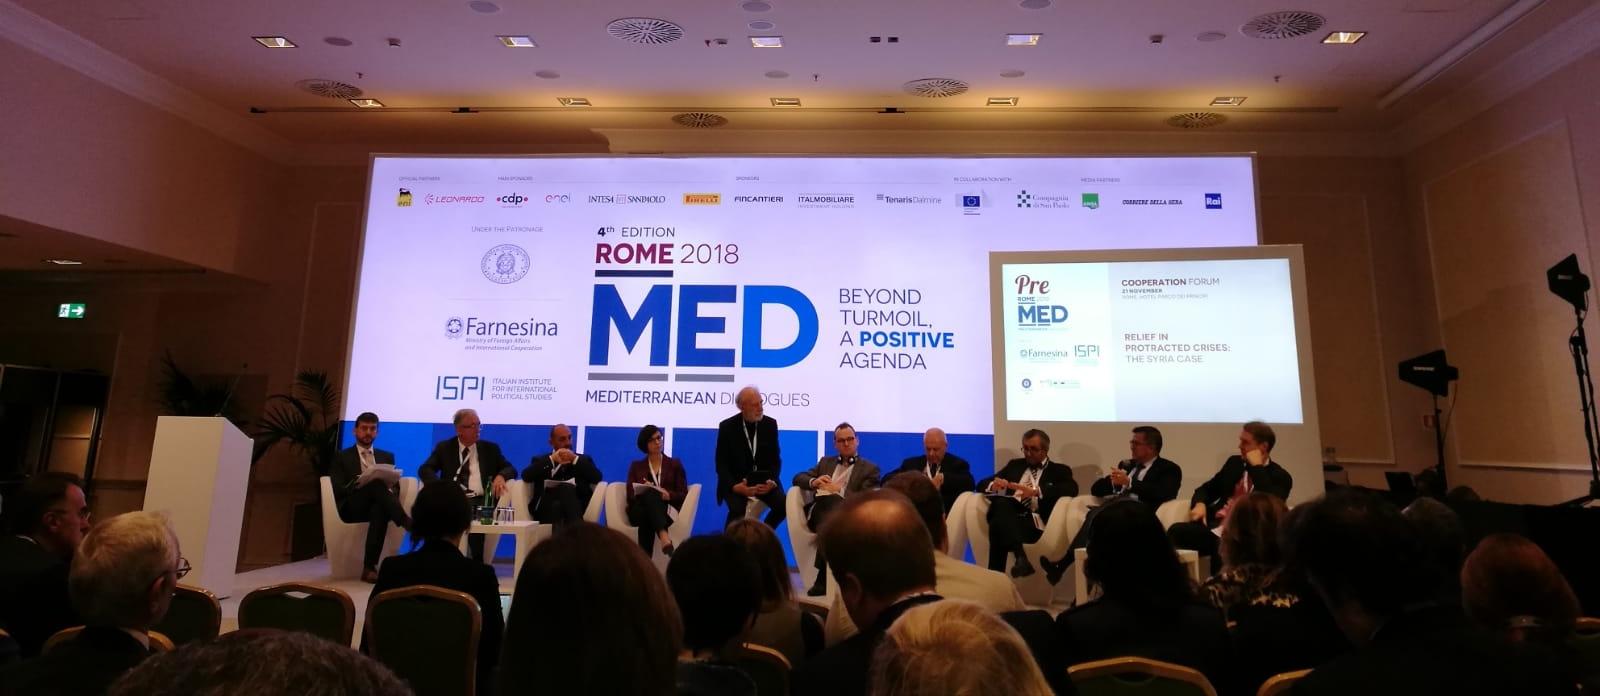 UNIDO ITPO Italy al MED2018: industrializzazione sostenibile per il progresso globale